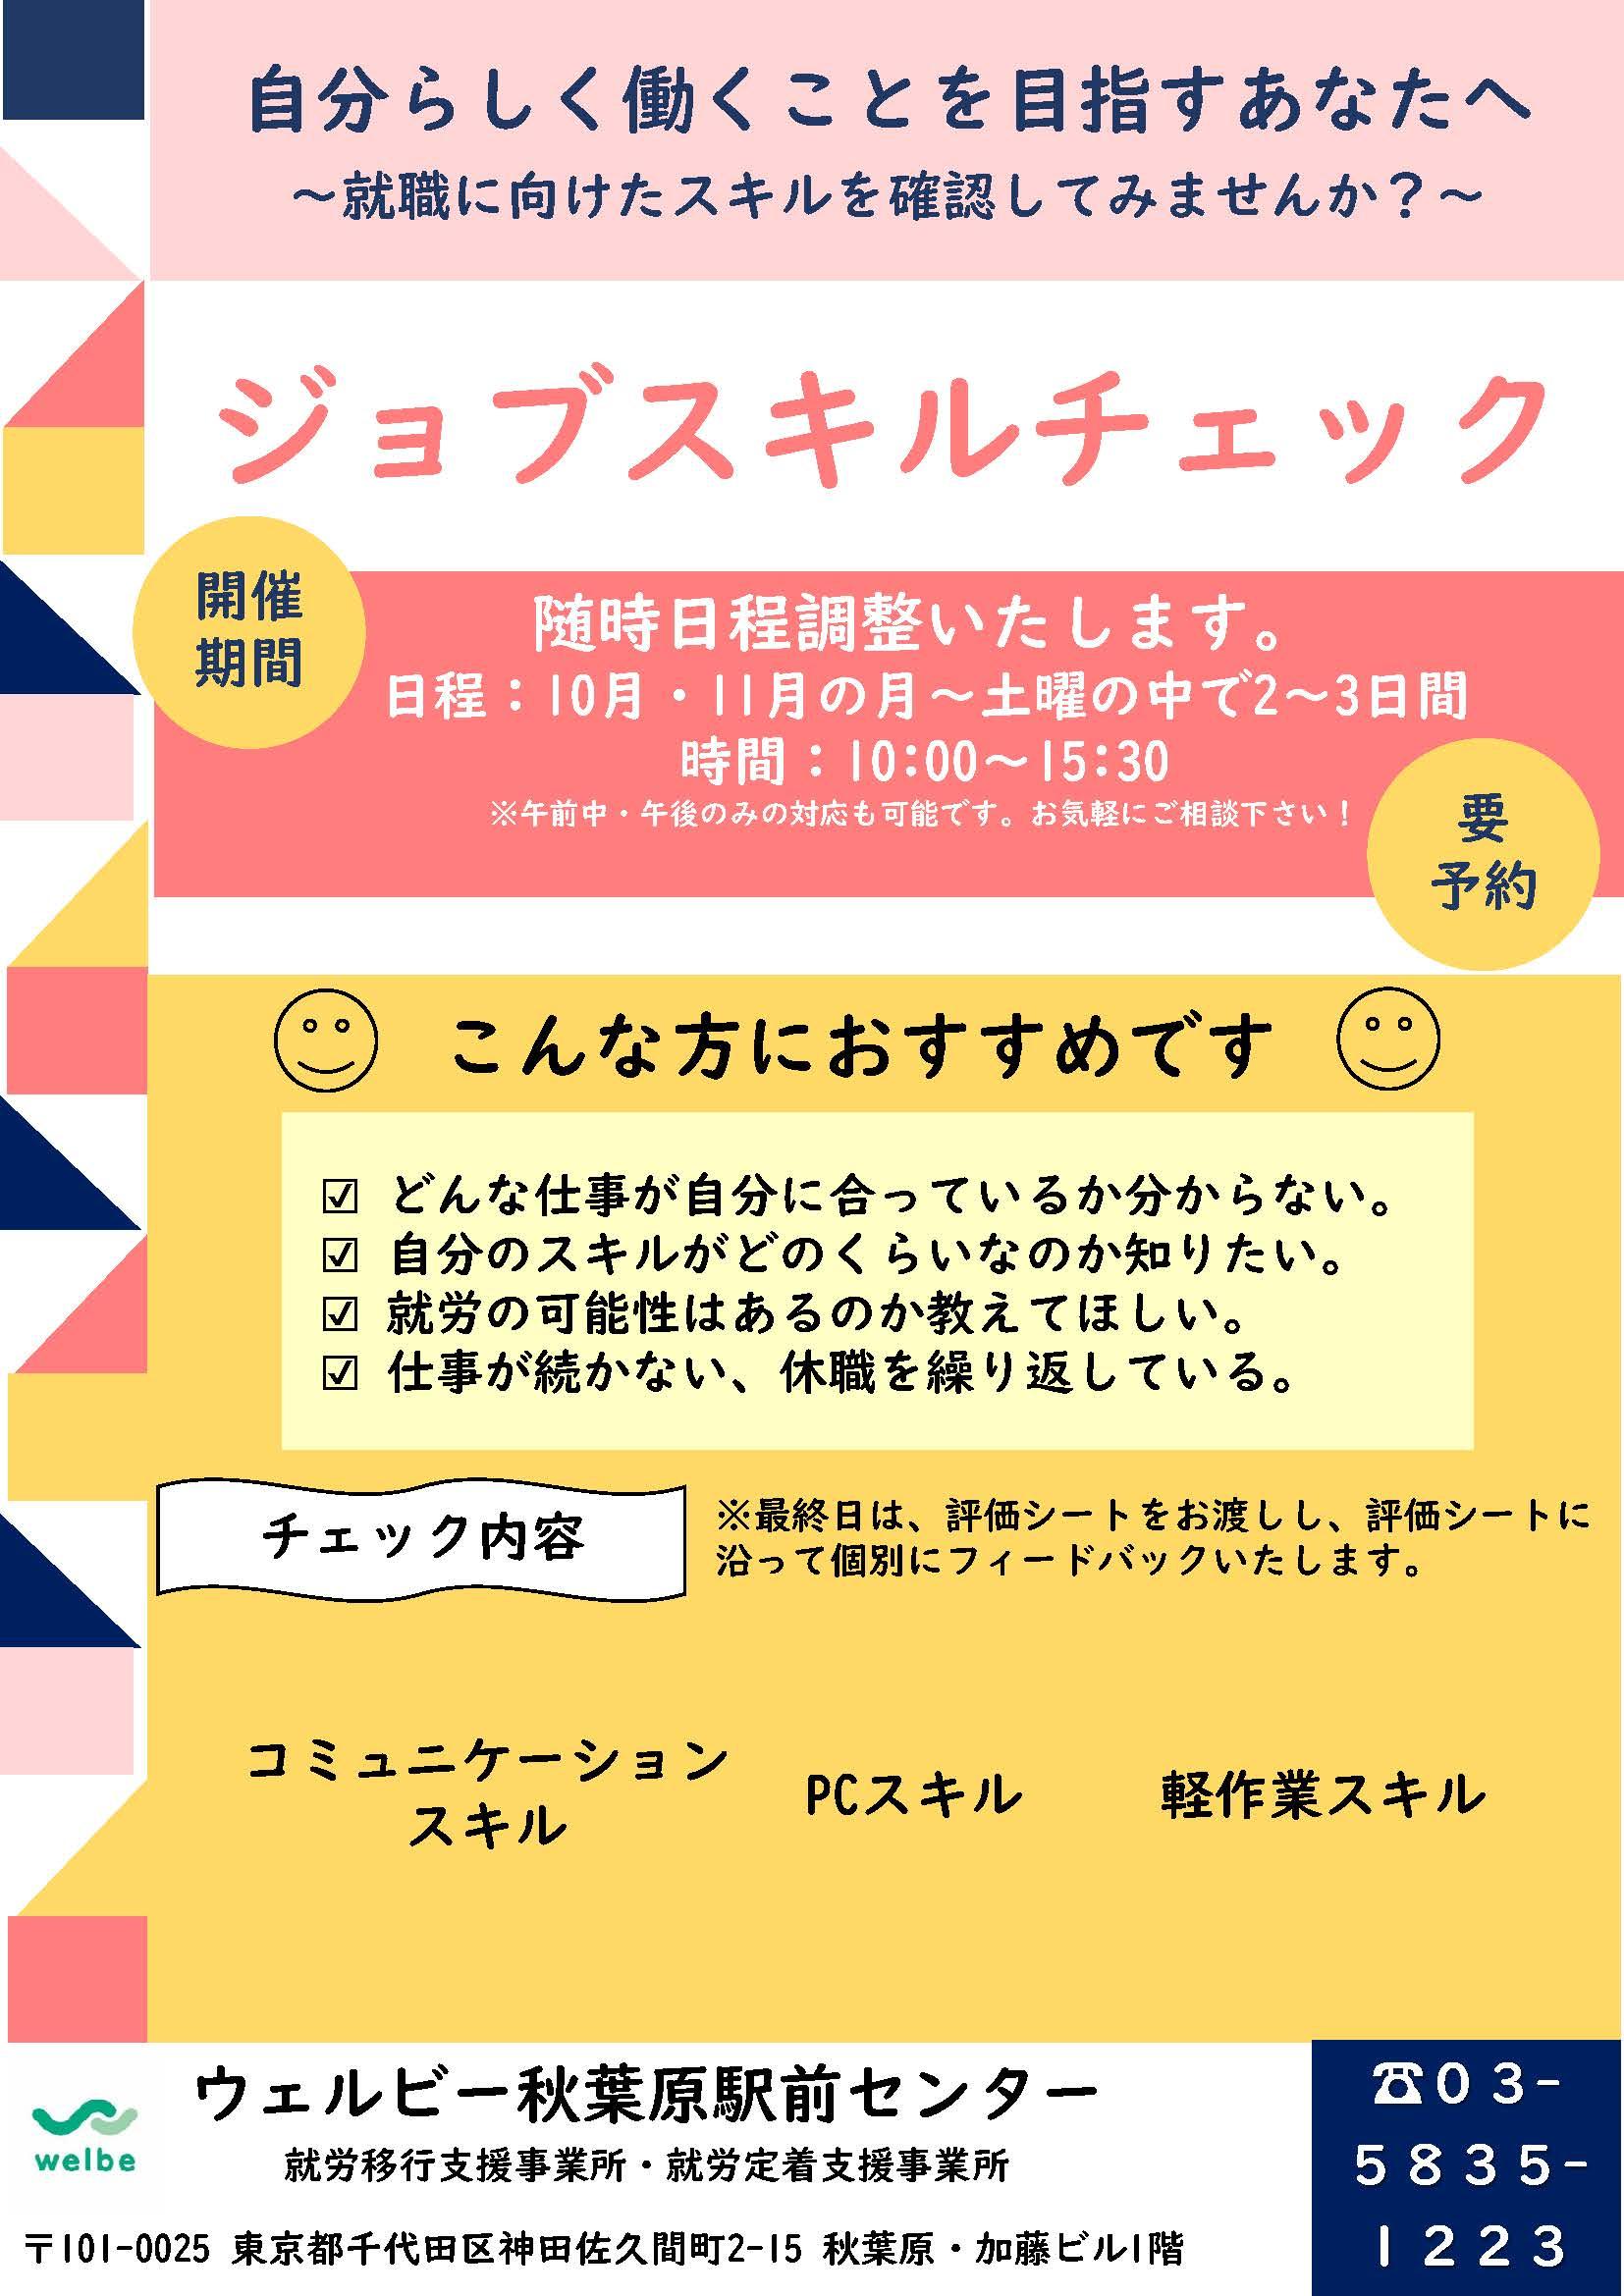 【秋葉原】ジョブスキルチェック_20200916-0918